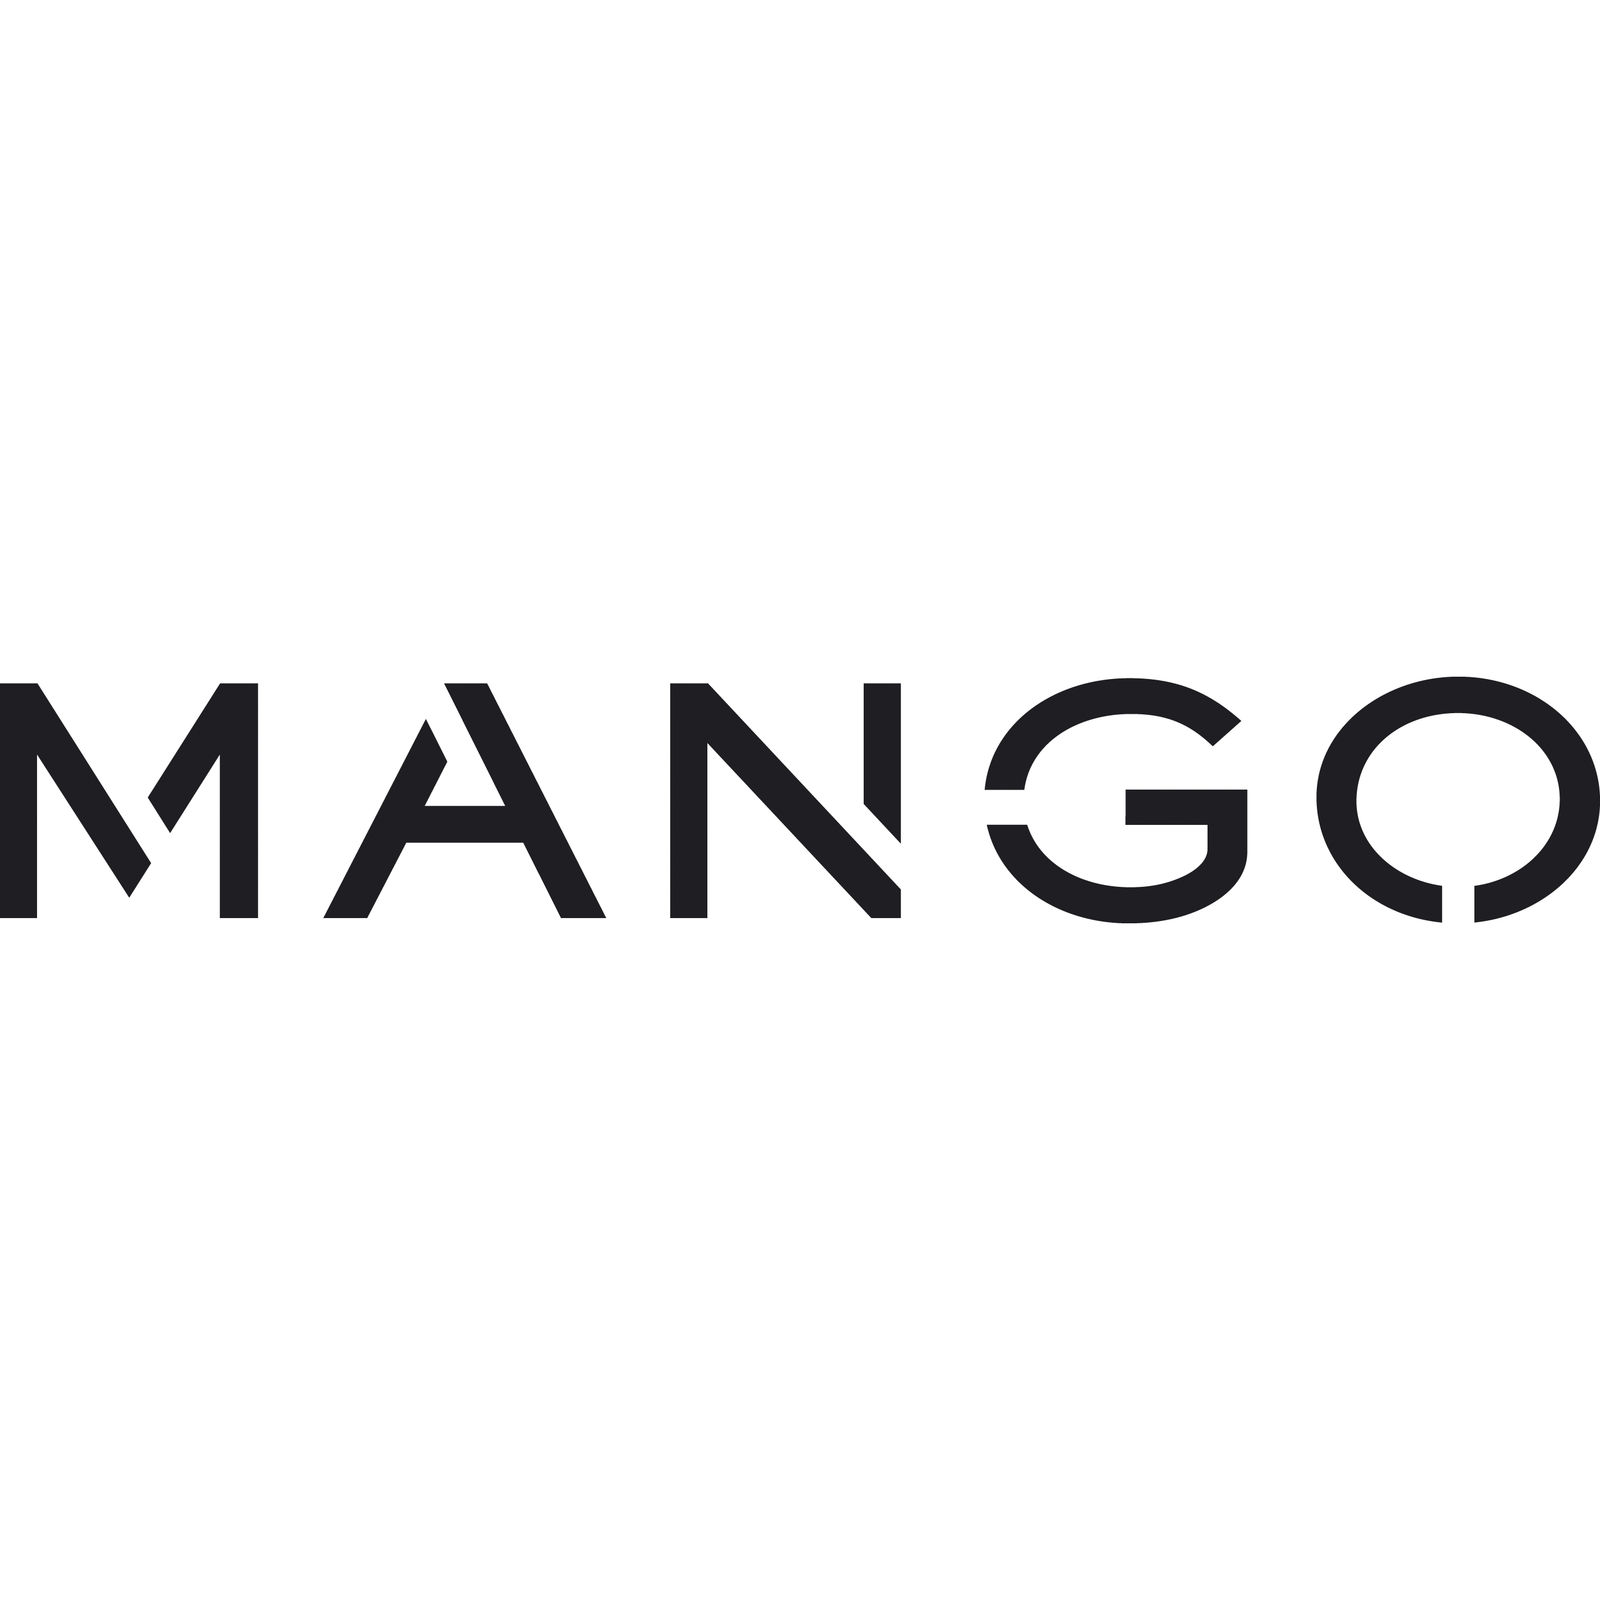 MANGO (Bild 1)